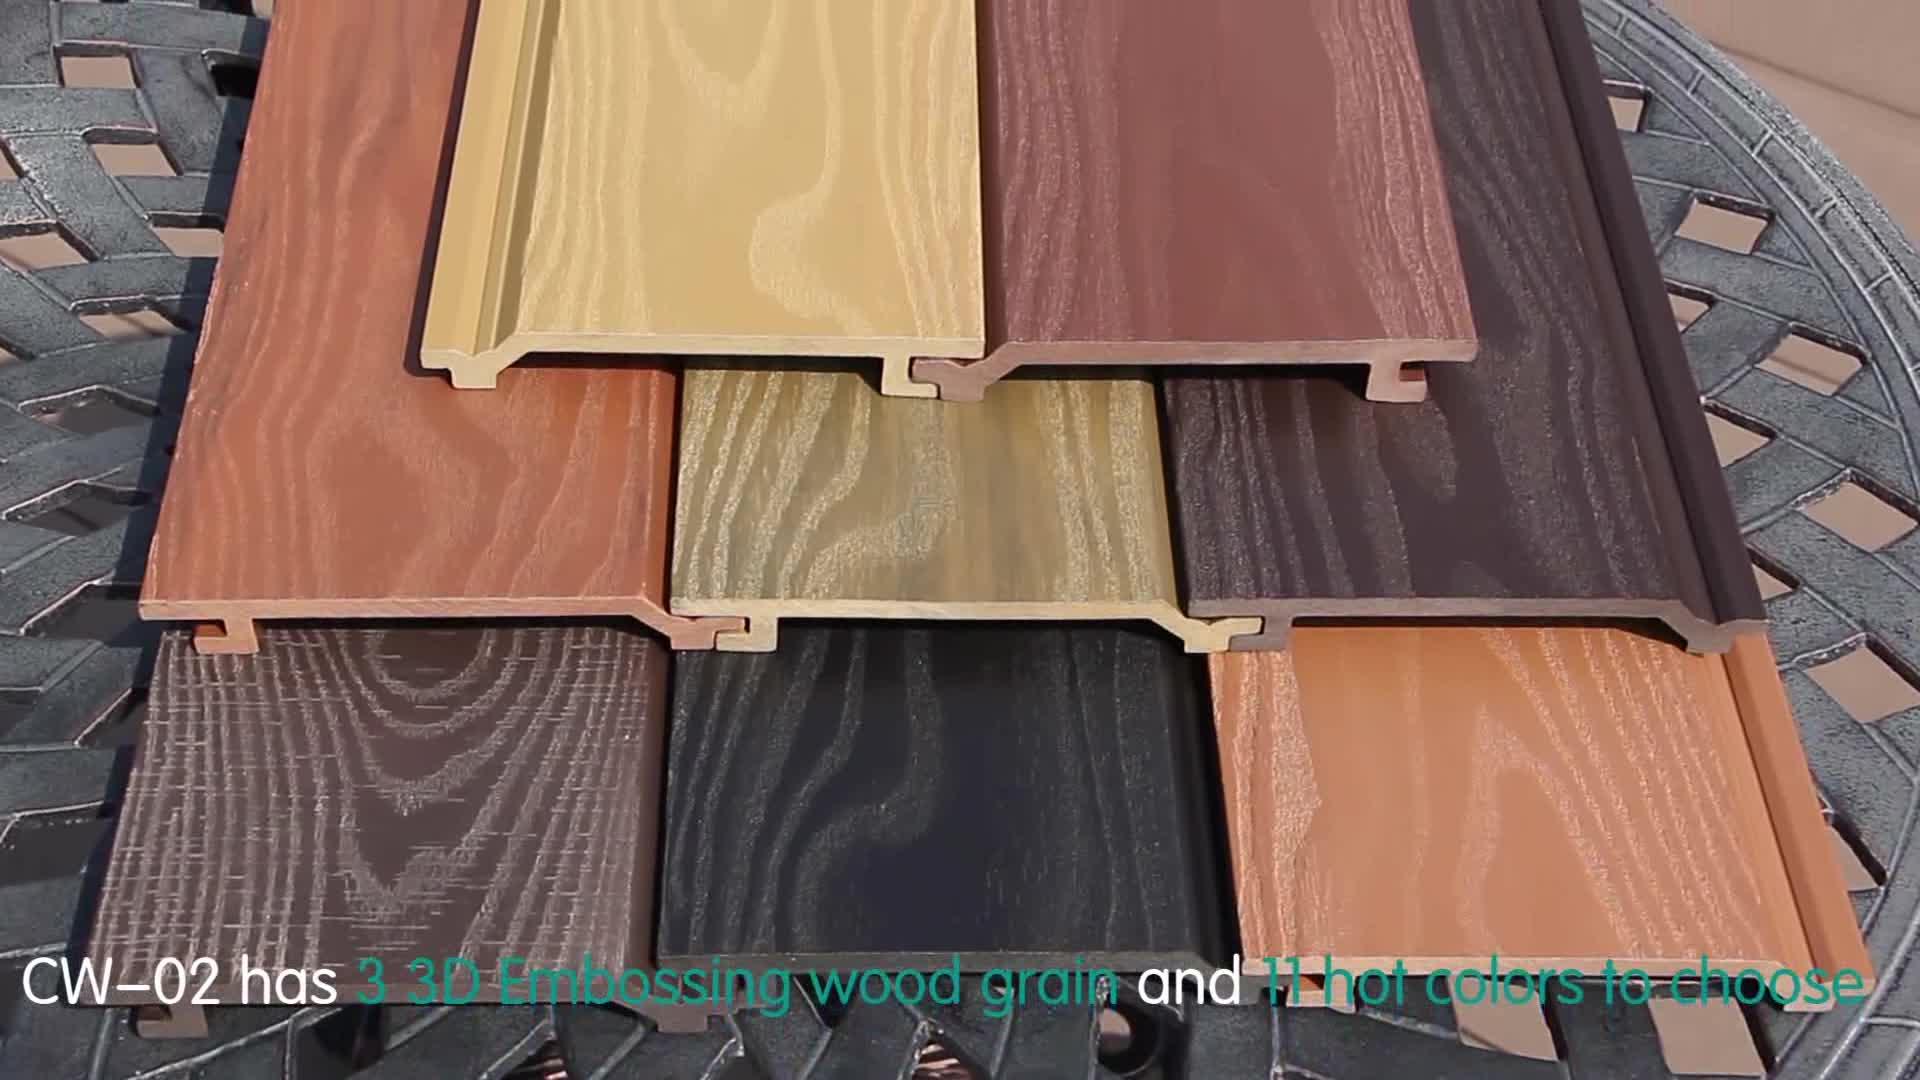 Paneles de pared compuestos de madera wpc panel decorativo al aire libre